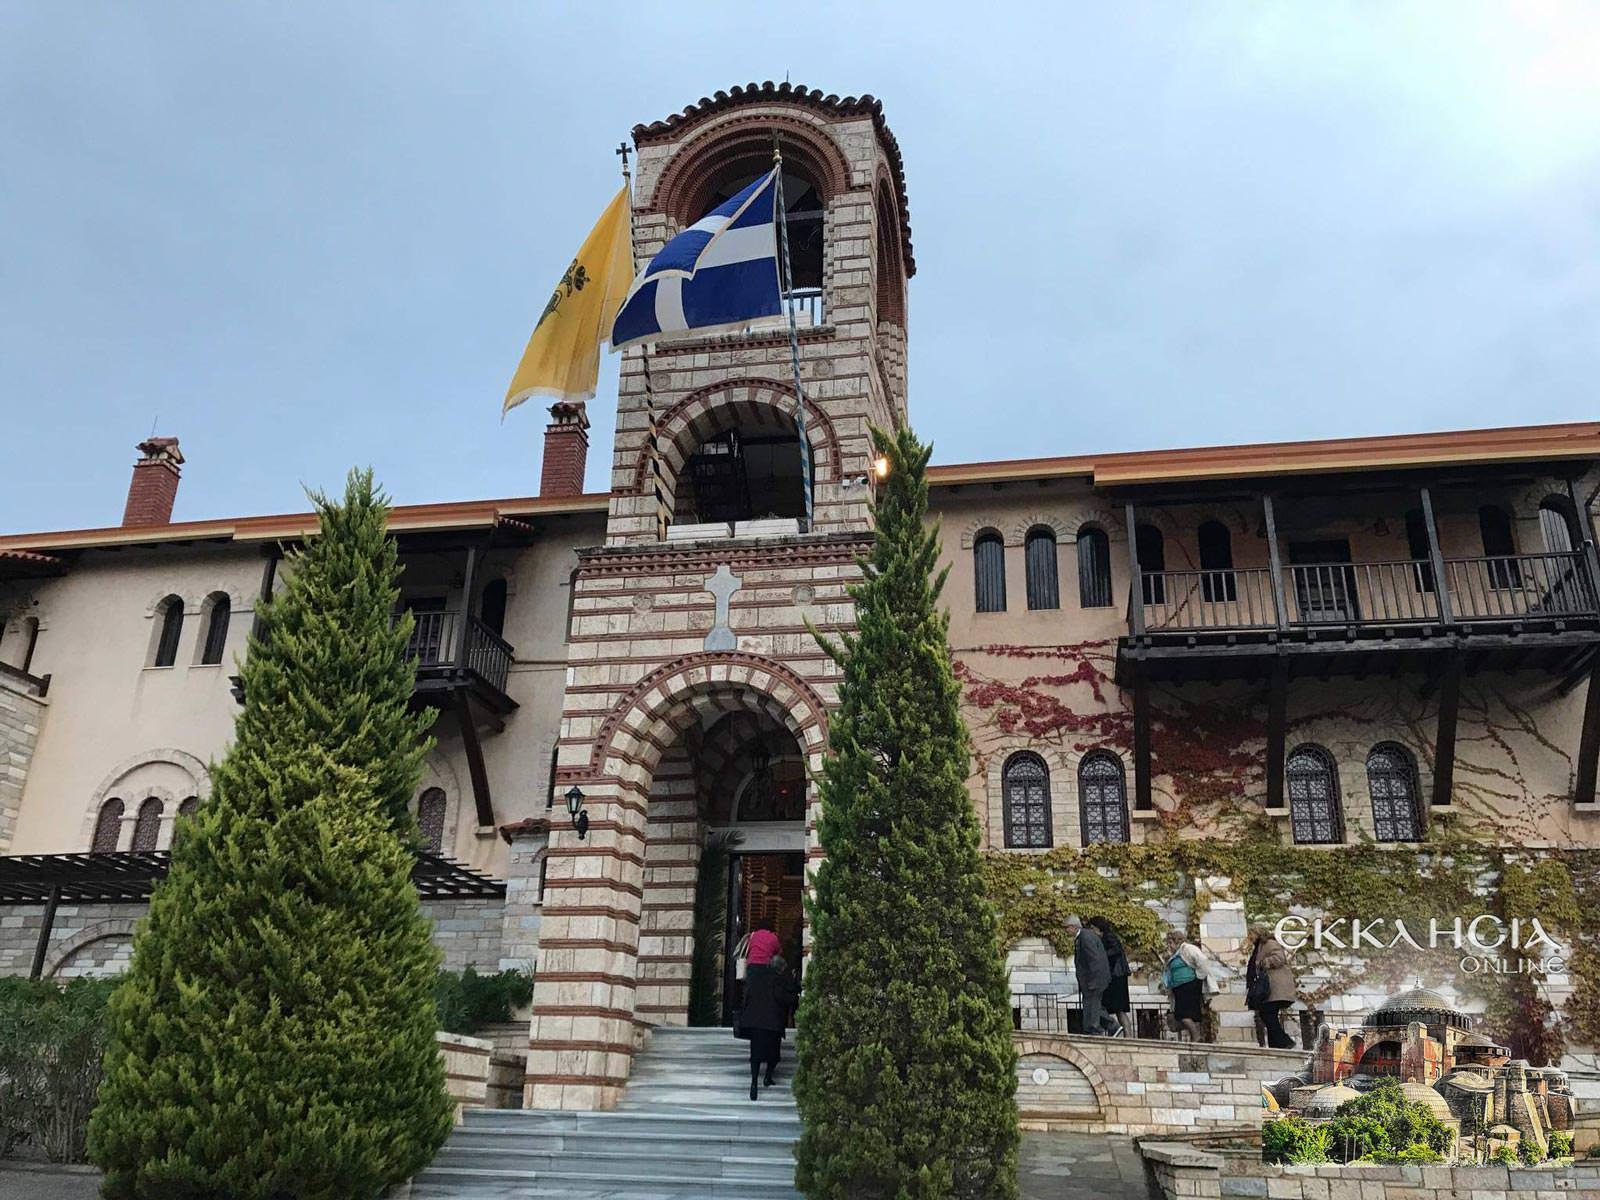 Μοναστήρι Εισοδίων Παναγίας Μαρκόπουλο 2019